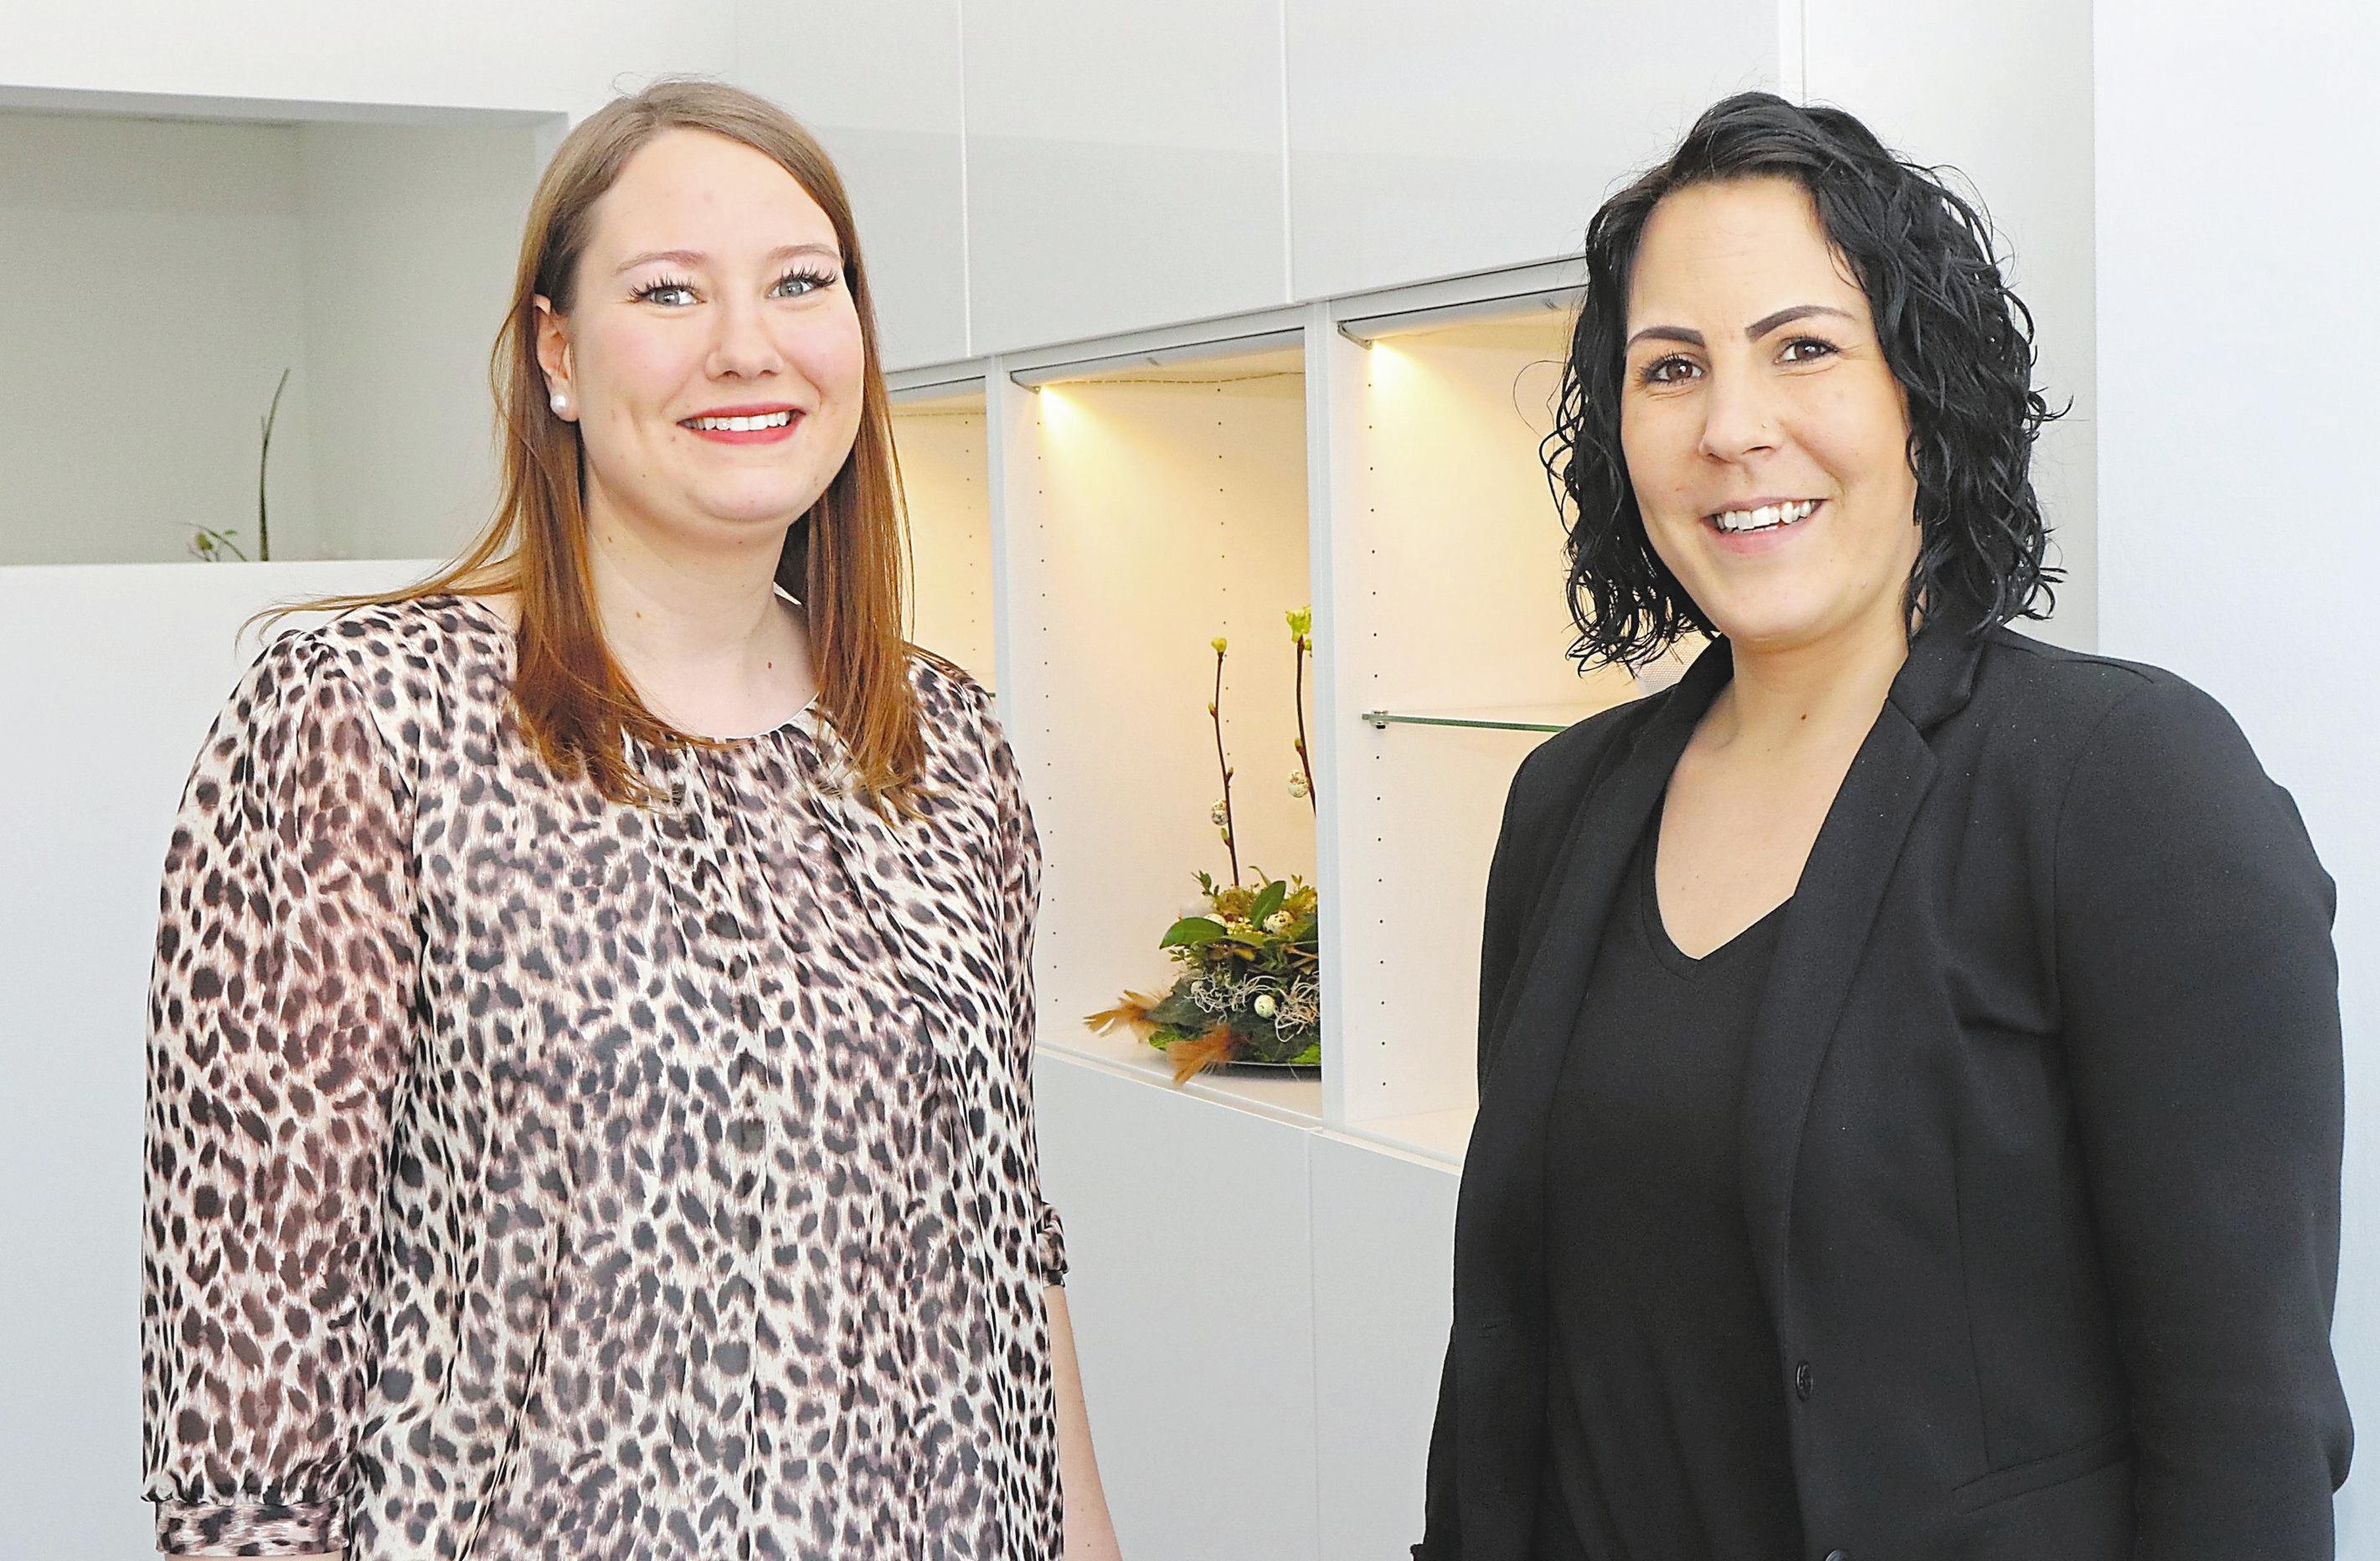 Der Inhaberin Sabrina Wolbrink (r.) steht Anika Huil als Stellvertreterin zur Seite.